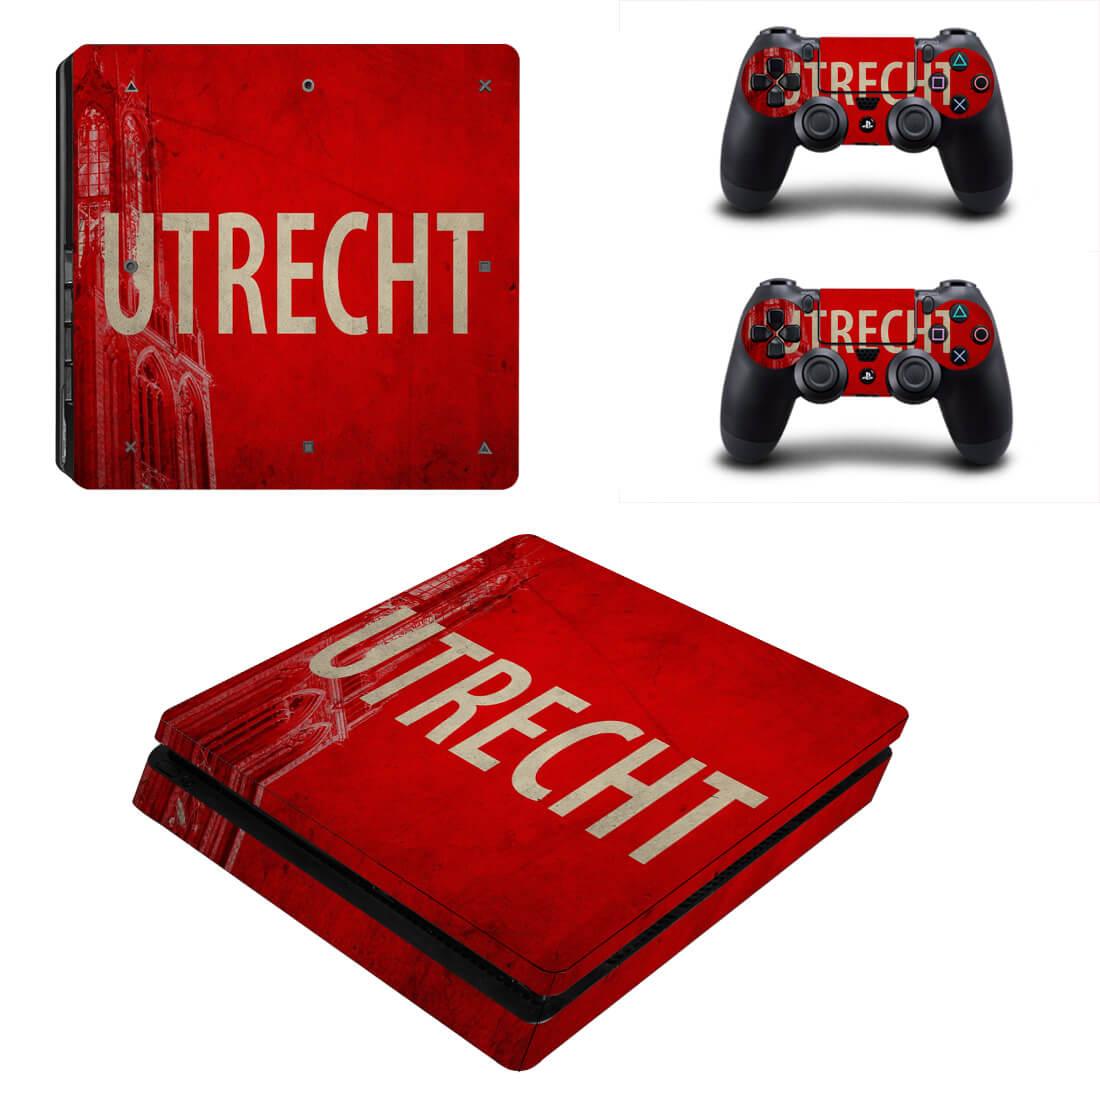 Utrecht PS4 Slim skin